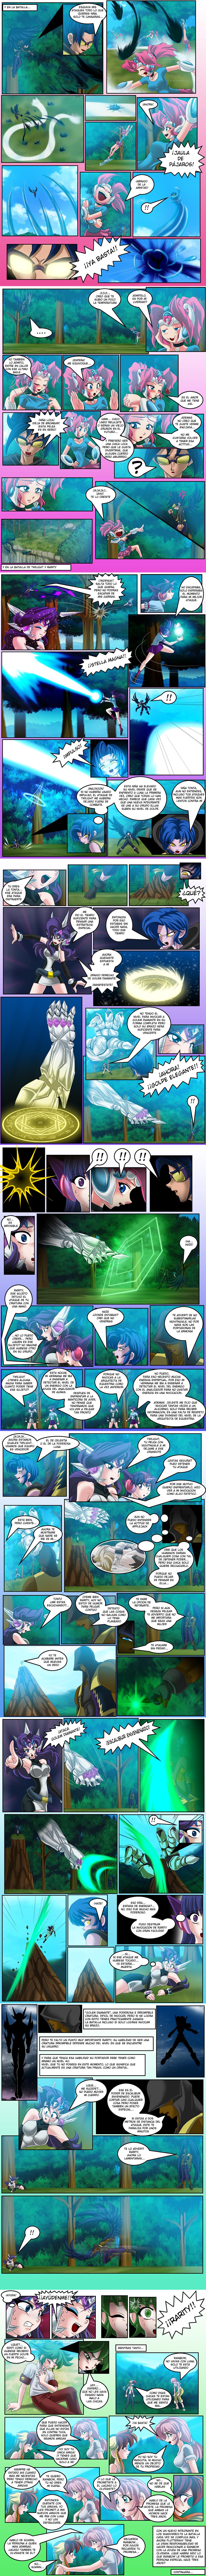 la magia de la amistad 04 parte 5 by mauroz